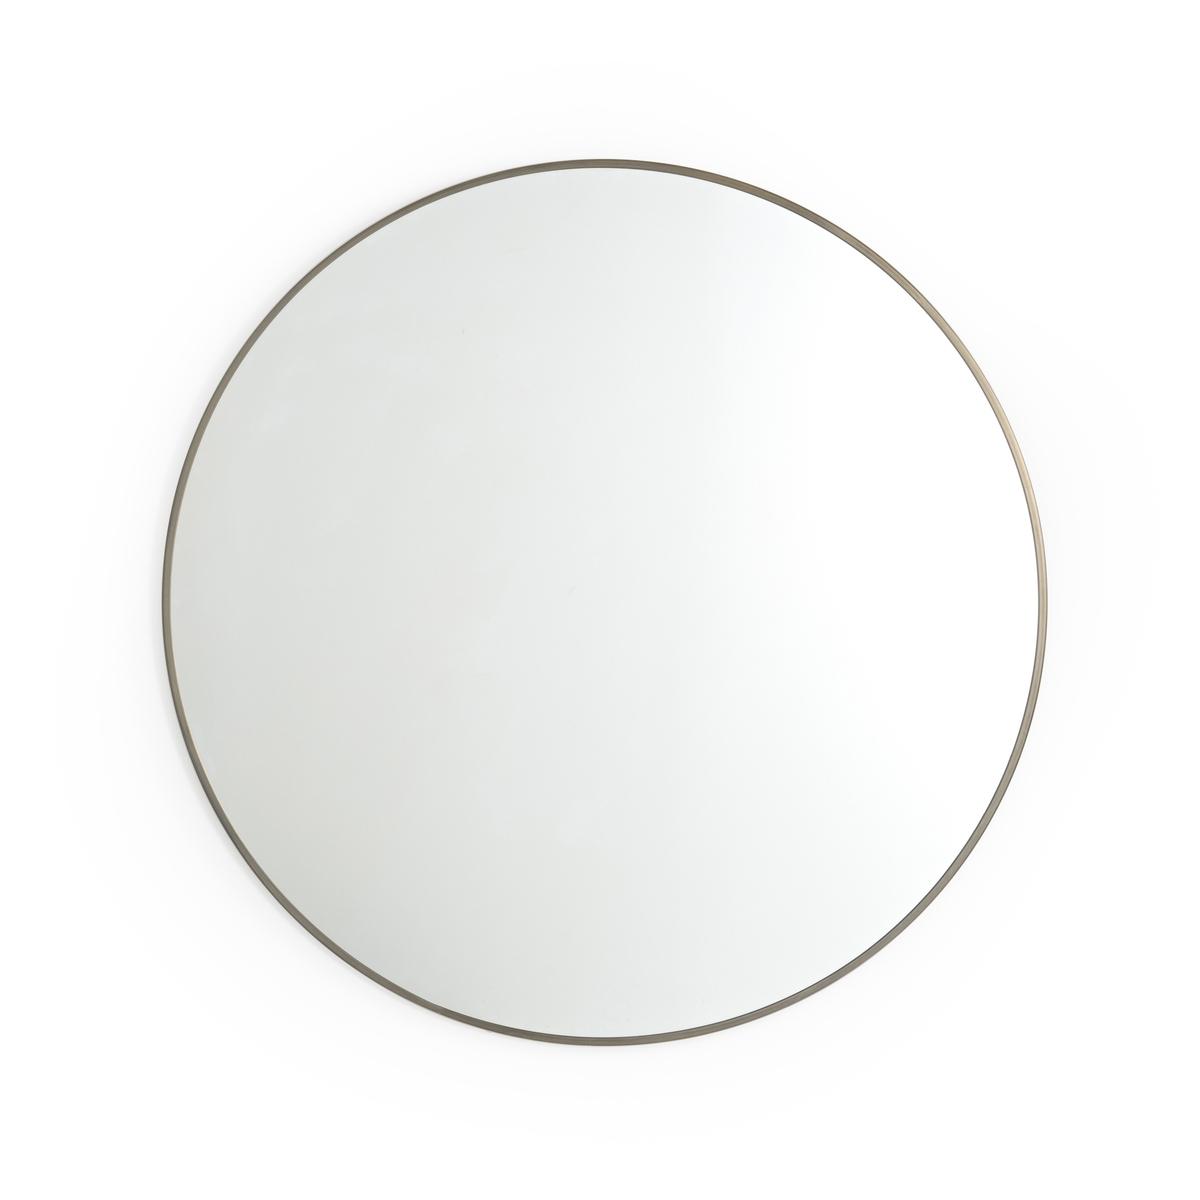 Зеркало La Redoute Металлическое золотистого цвета см Caligone единый размер каштановый